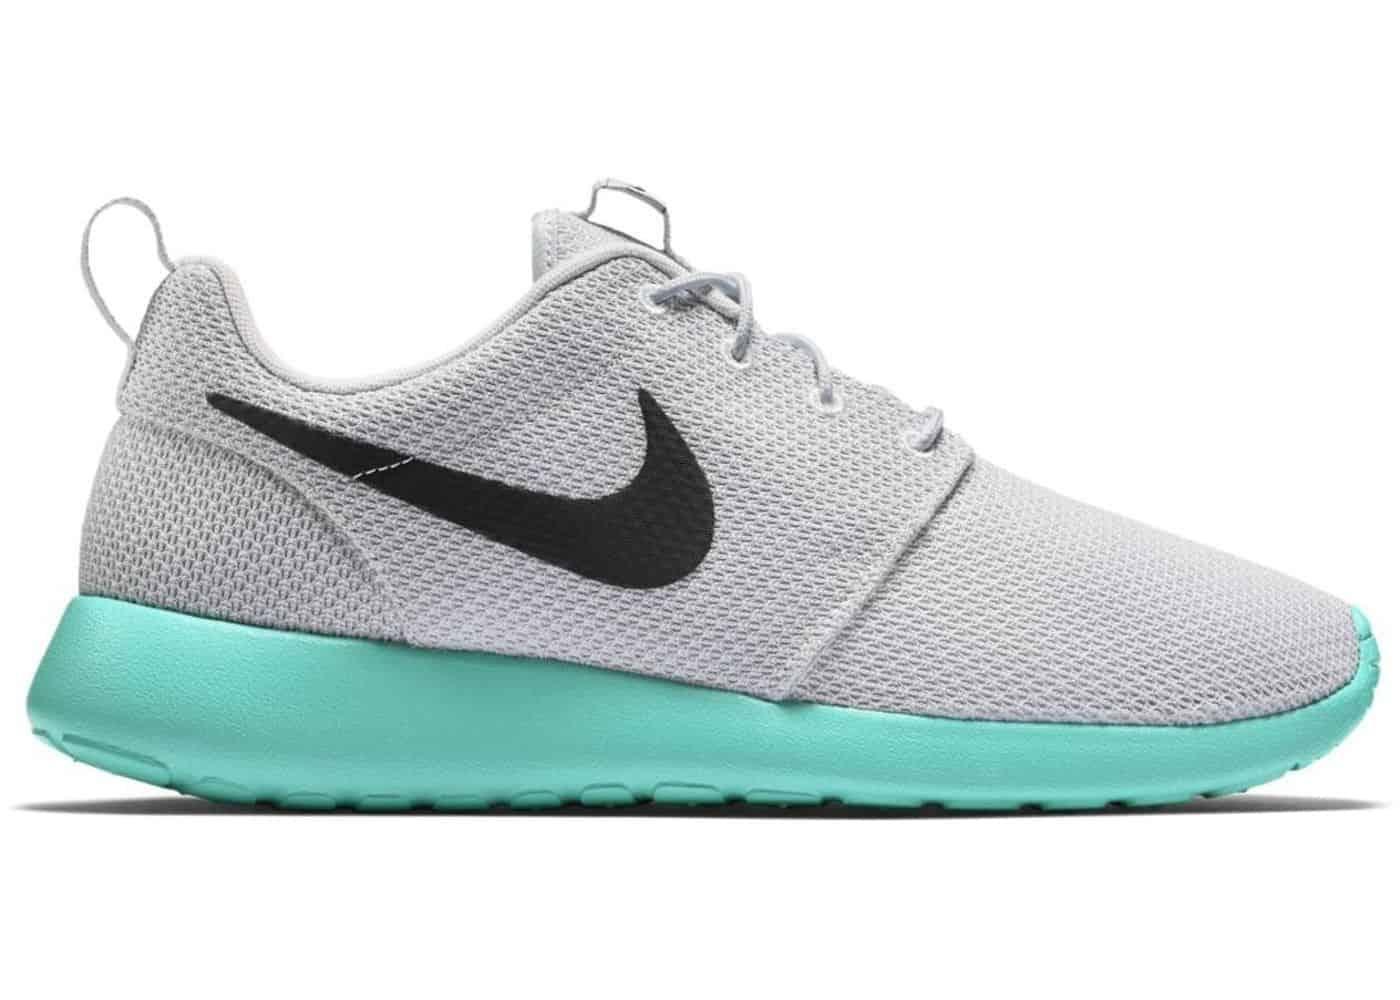 d06e7c33fcb75 Nike Roshe Run